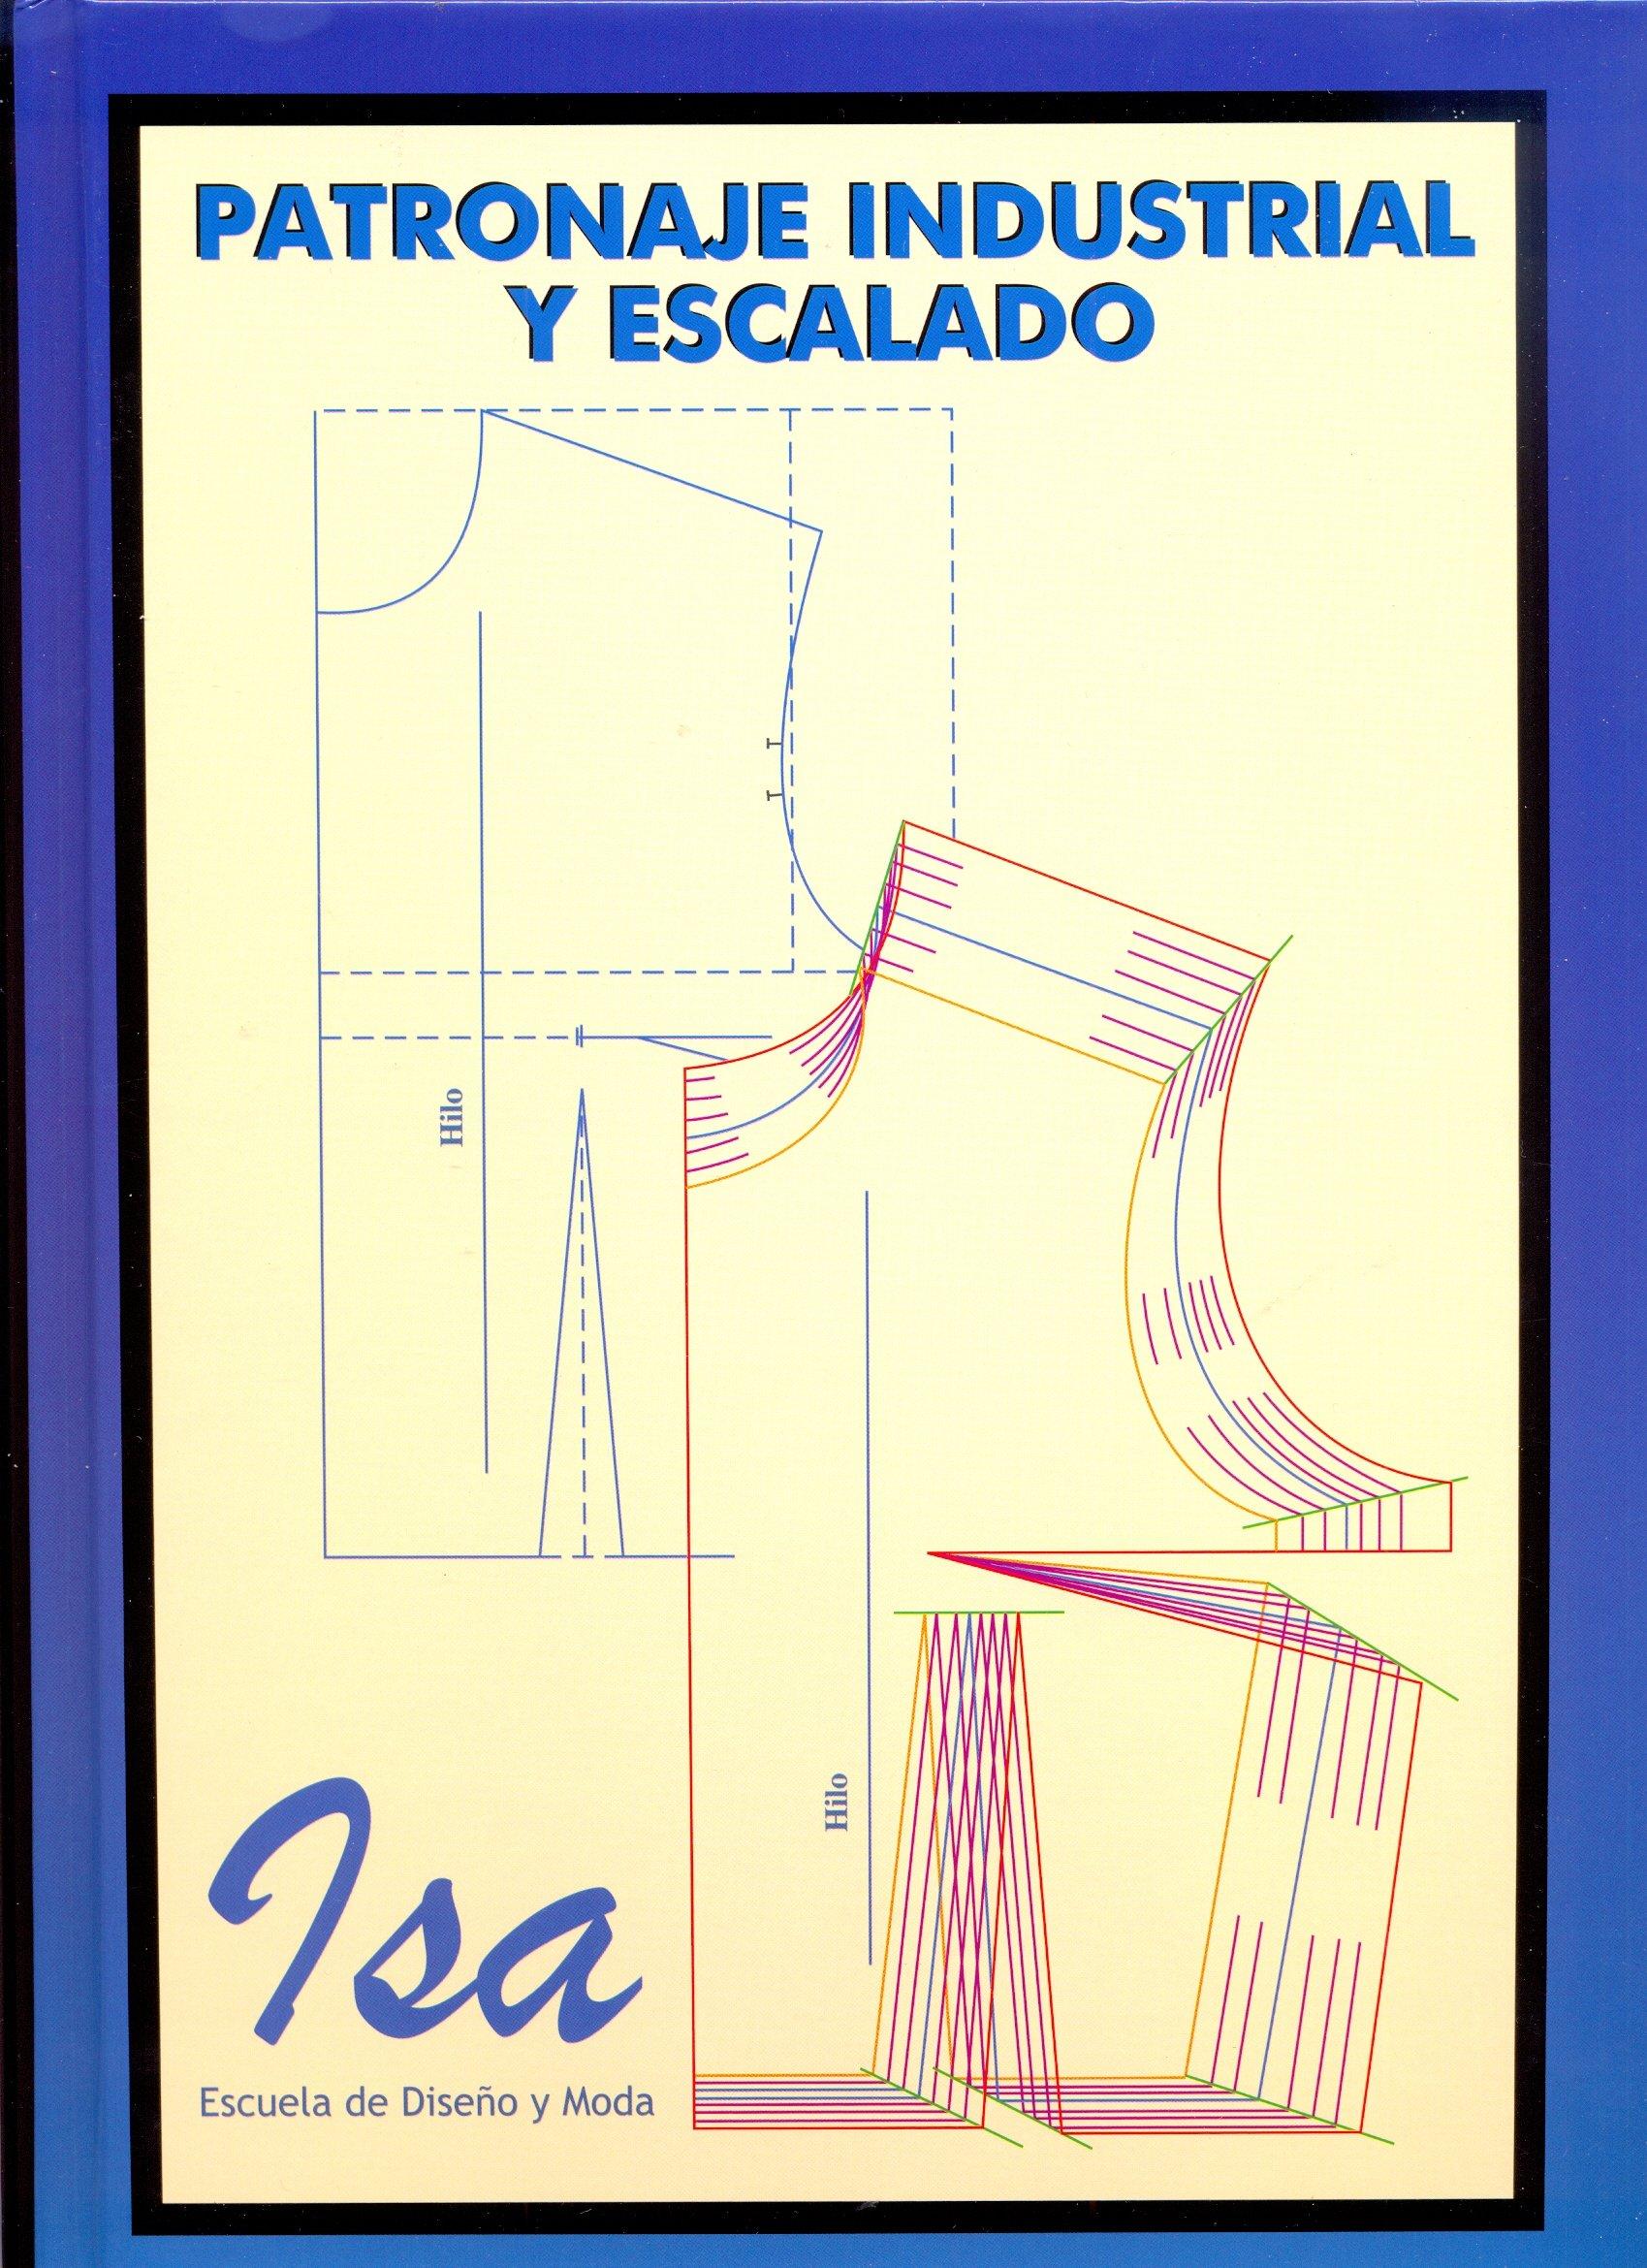 Patronaje Industrial Y Escalado: Amazon.es: Isabel Blázquez Navas ...